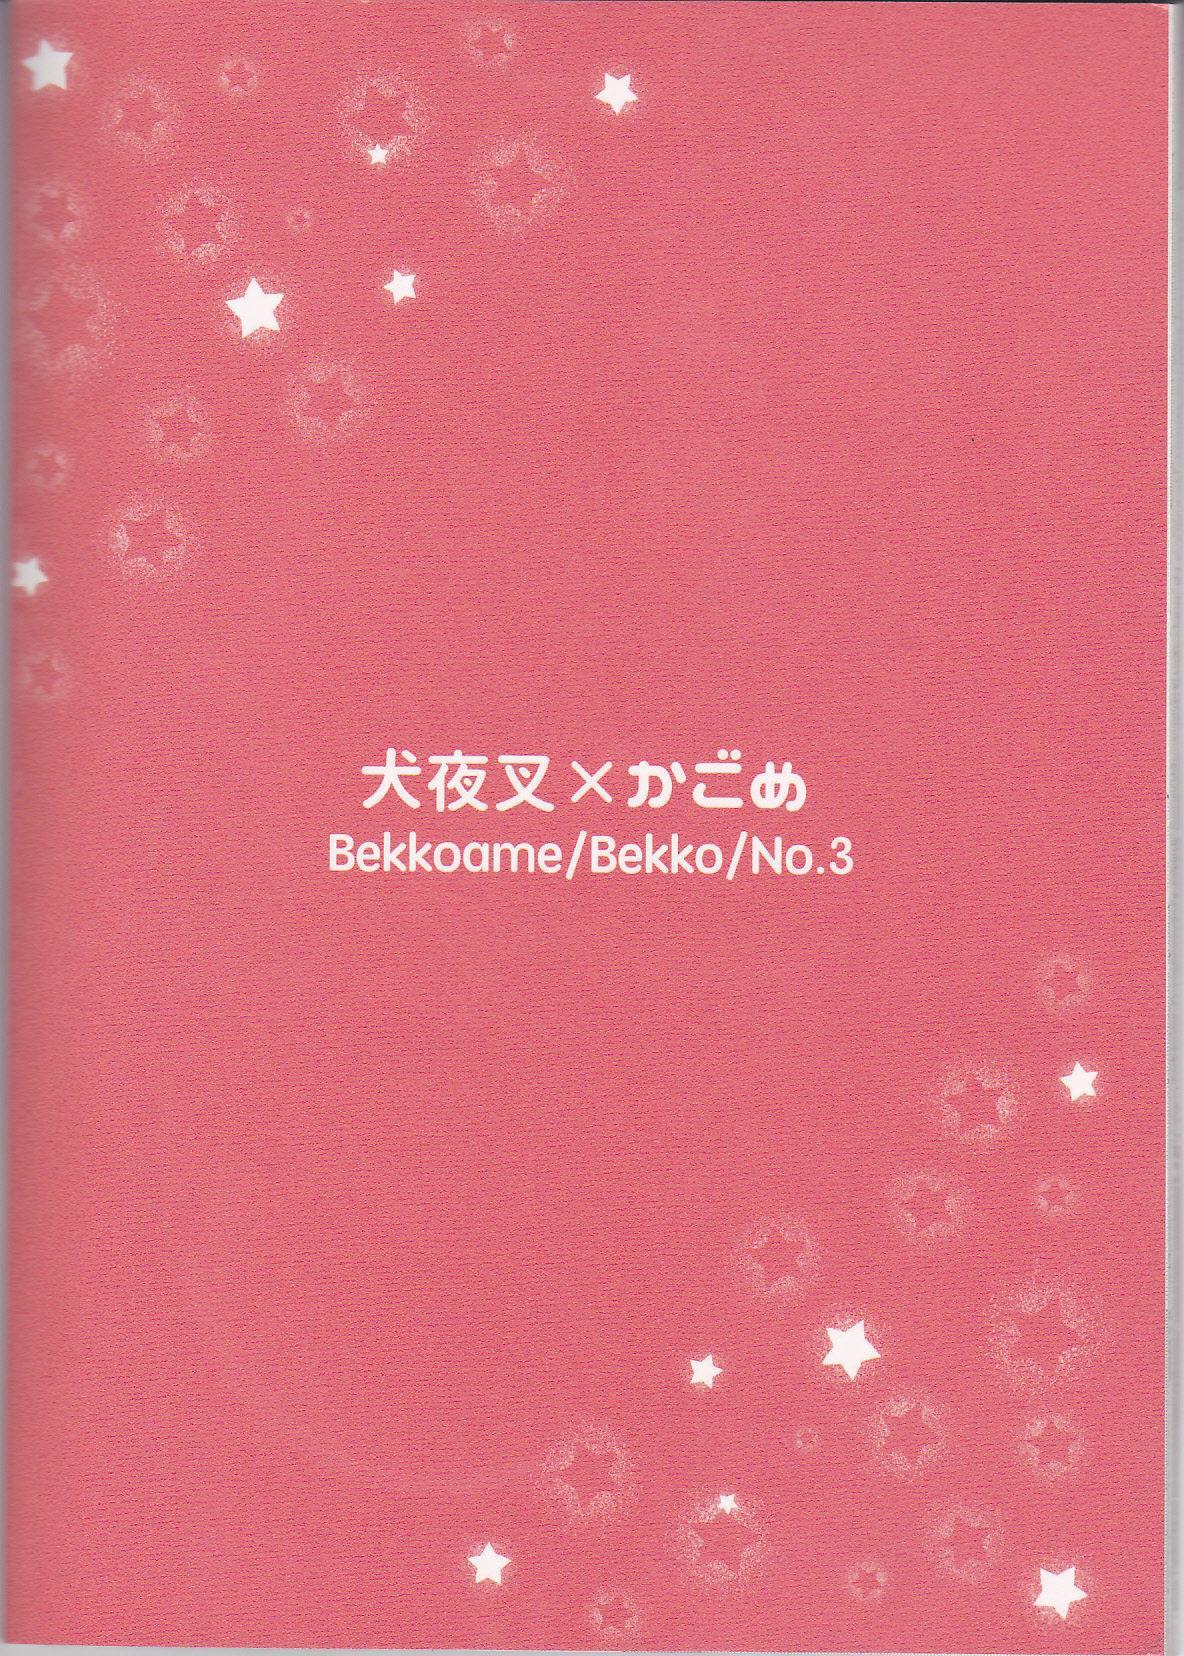 Koi Gusuri - Love drug 42